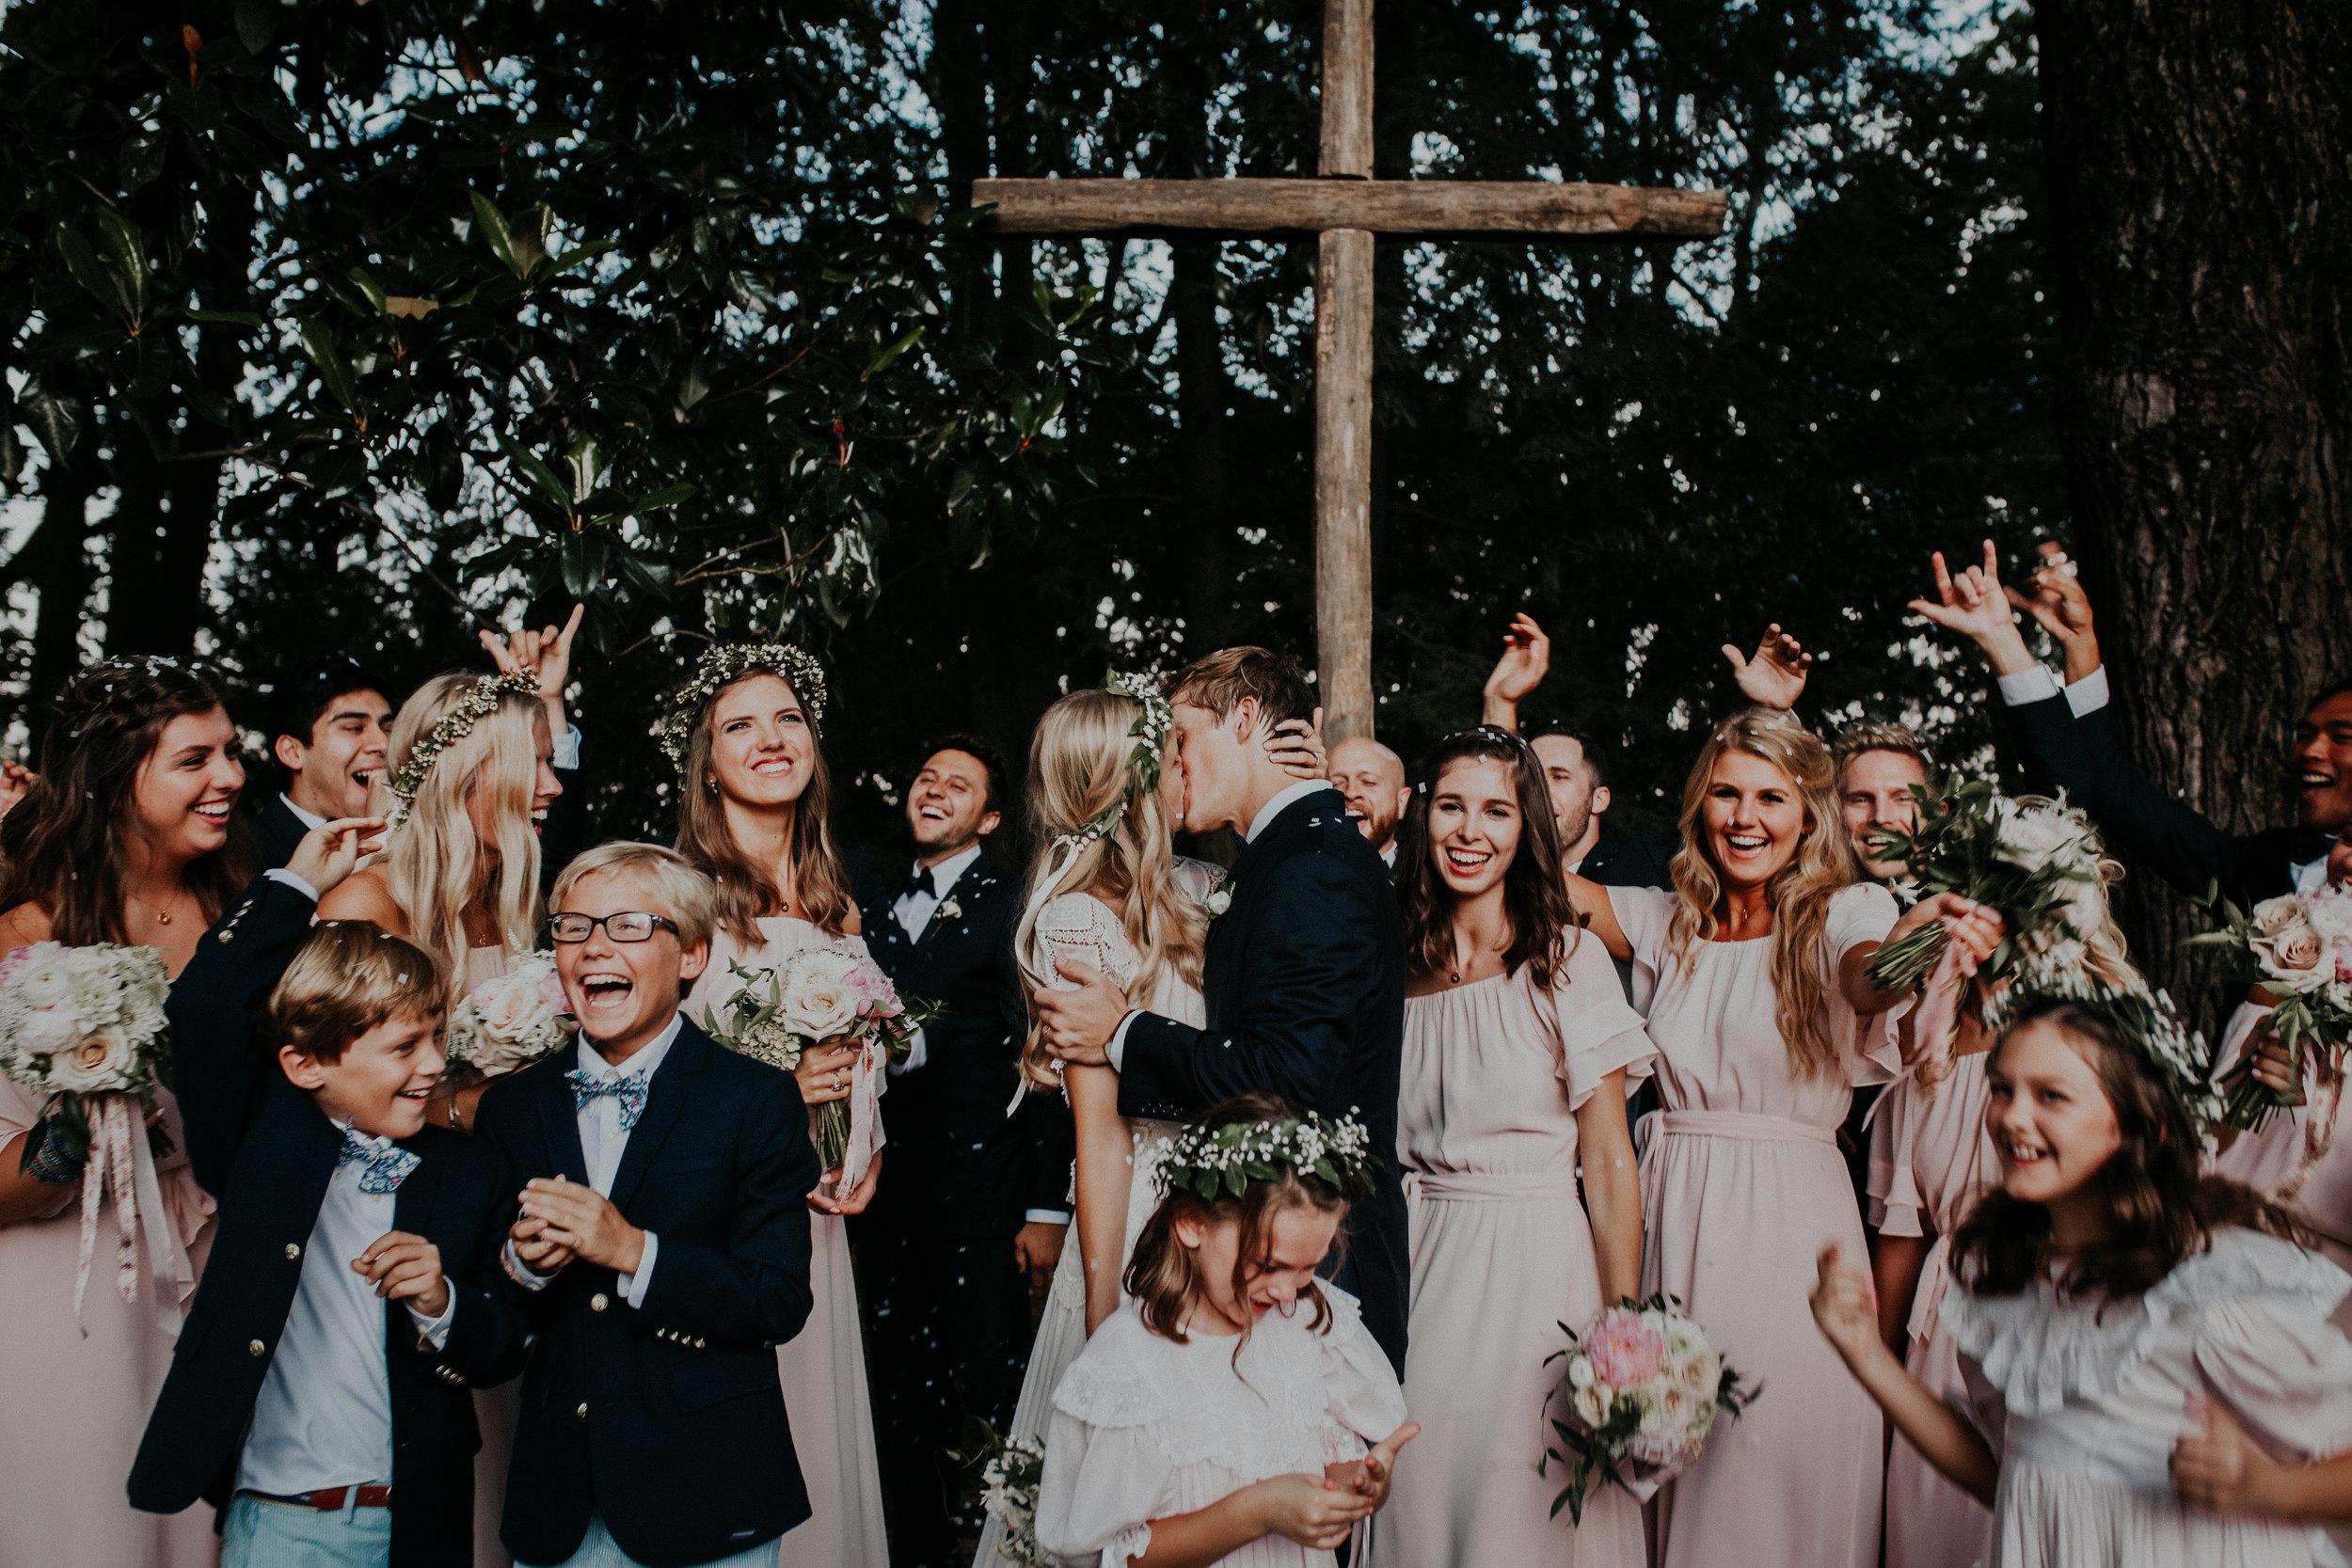 ALLD_mclagan_wedding-837.JPG